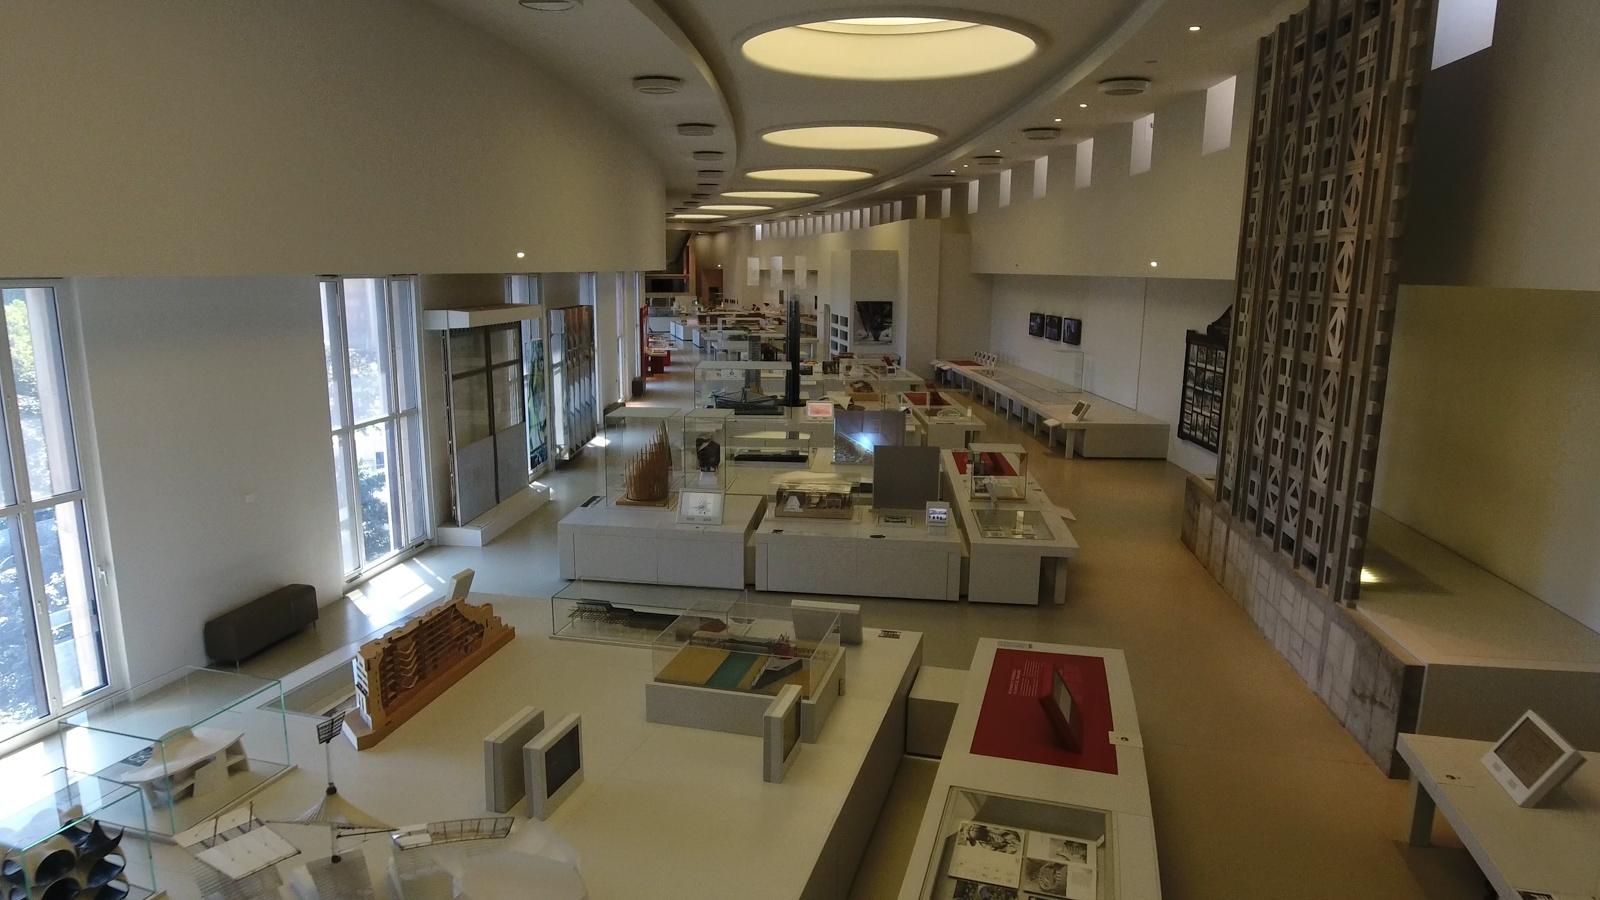 Cité de l'Architecture et du Patrimoine (salle moderne)